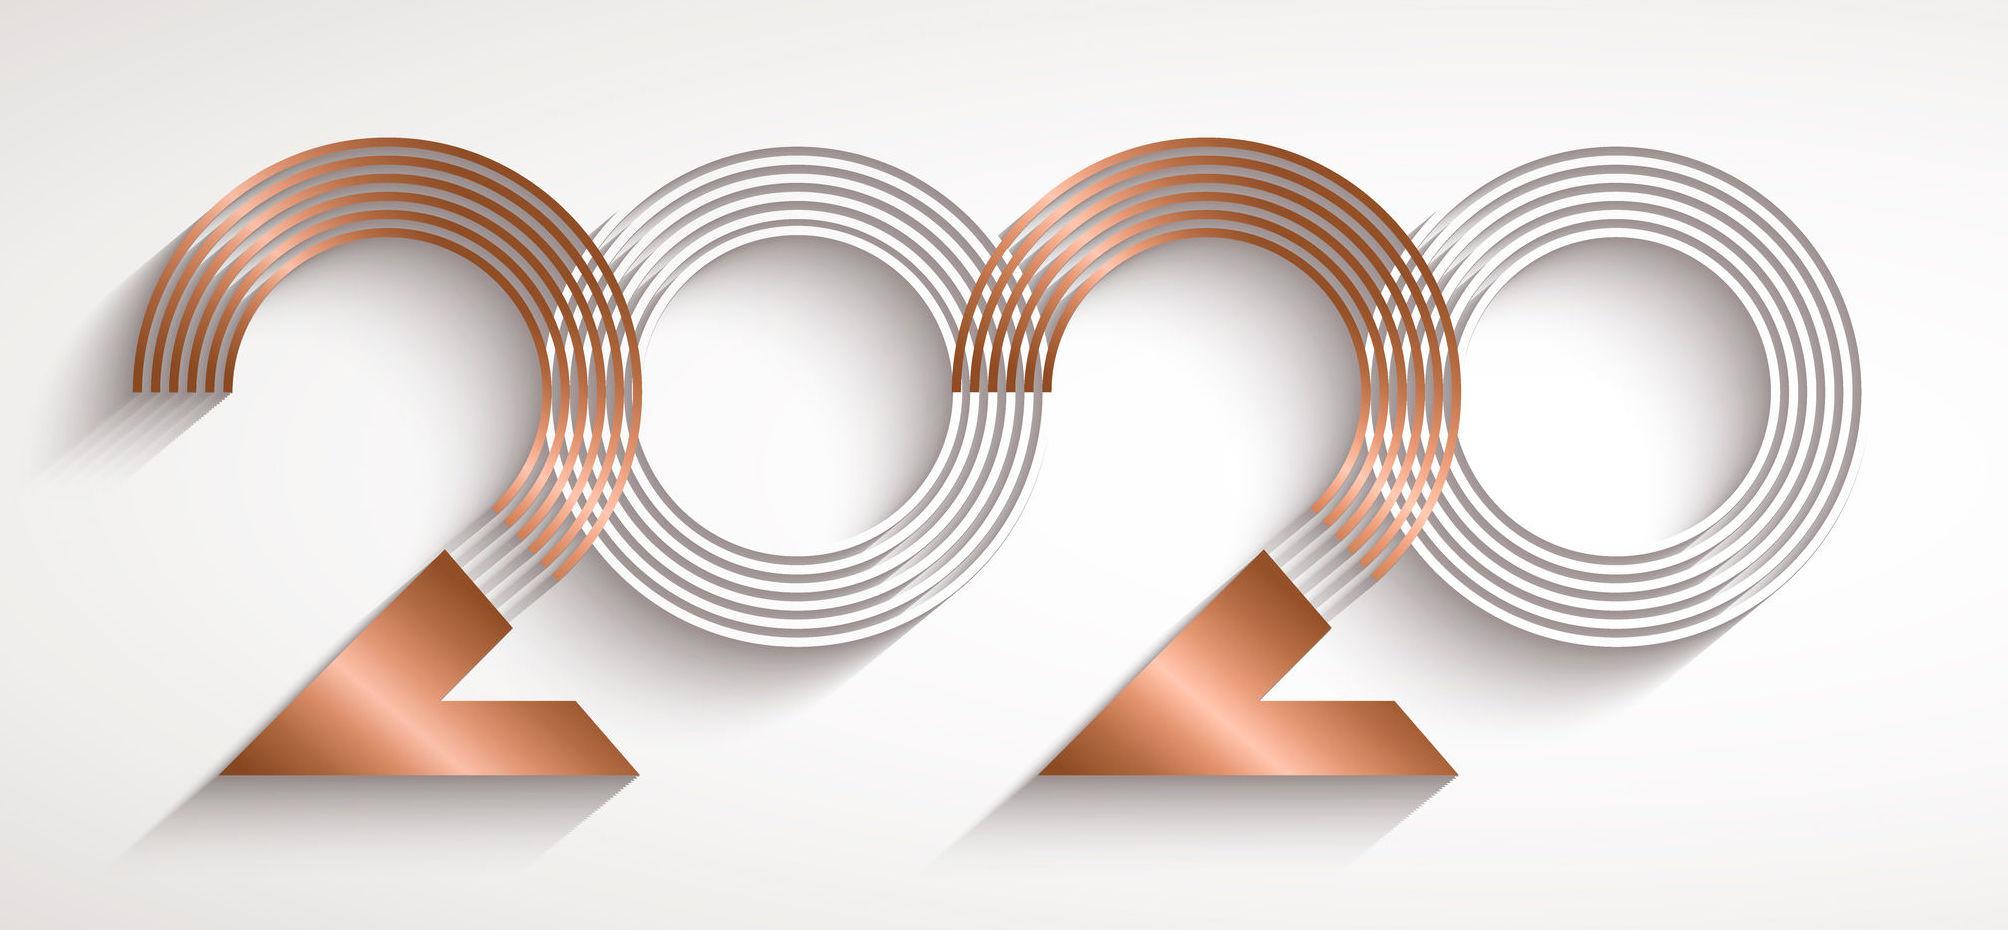 Toute l'équipe EKTRO vous présente ses meilleurs voeux 2020